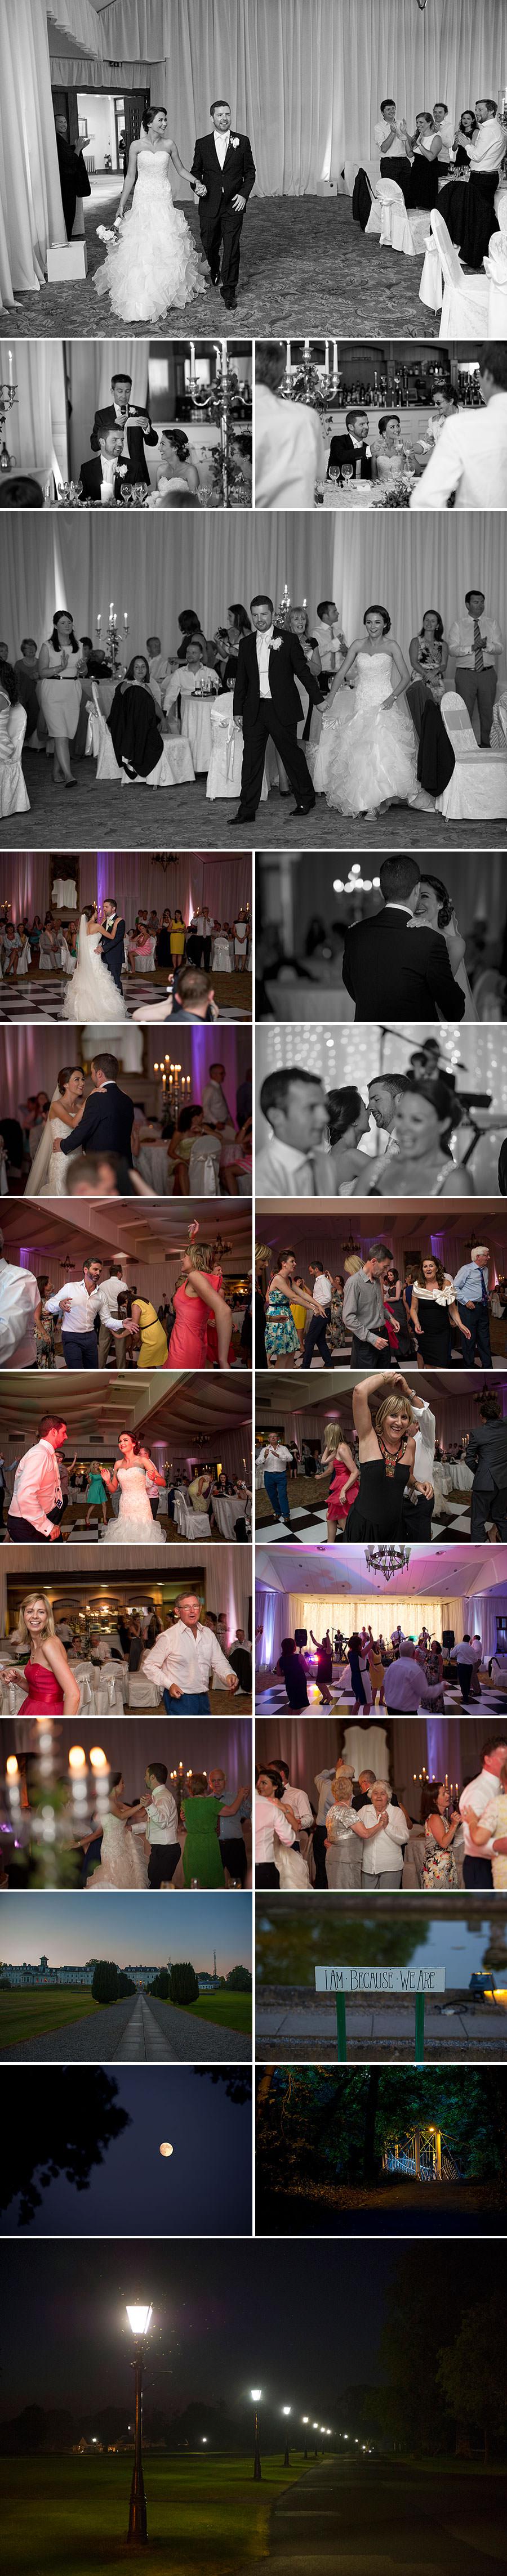 N + I | K Club Wedding | Dublin Wedding Photography | 21